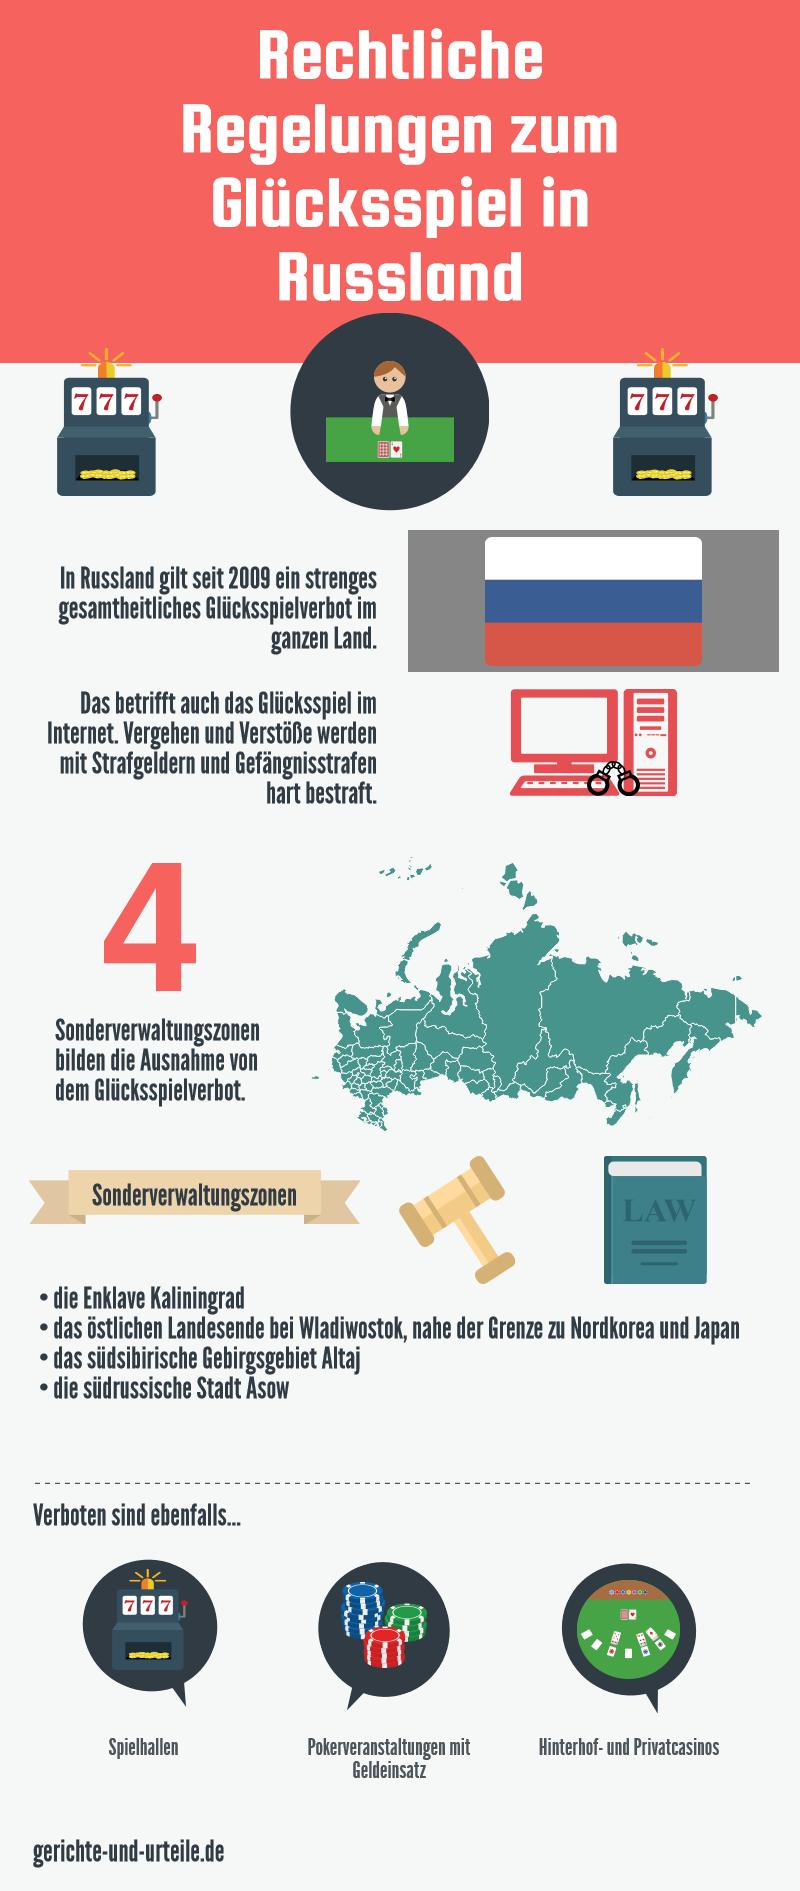 Infografik: Die rechtlichen Regelungen zum Glücksspiel in Russland erlauben bisher vier Sonderverwaltungszonen.